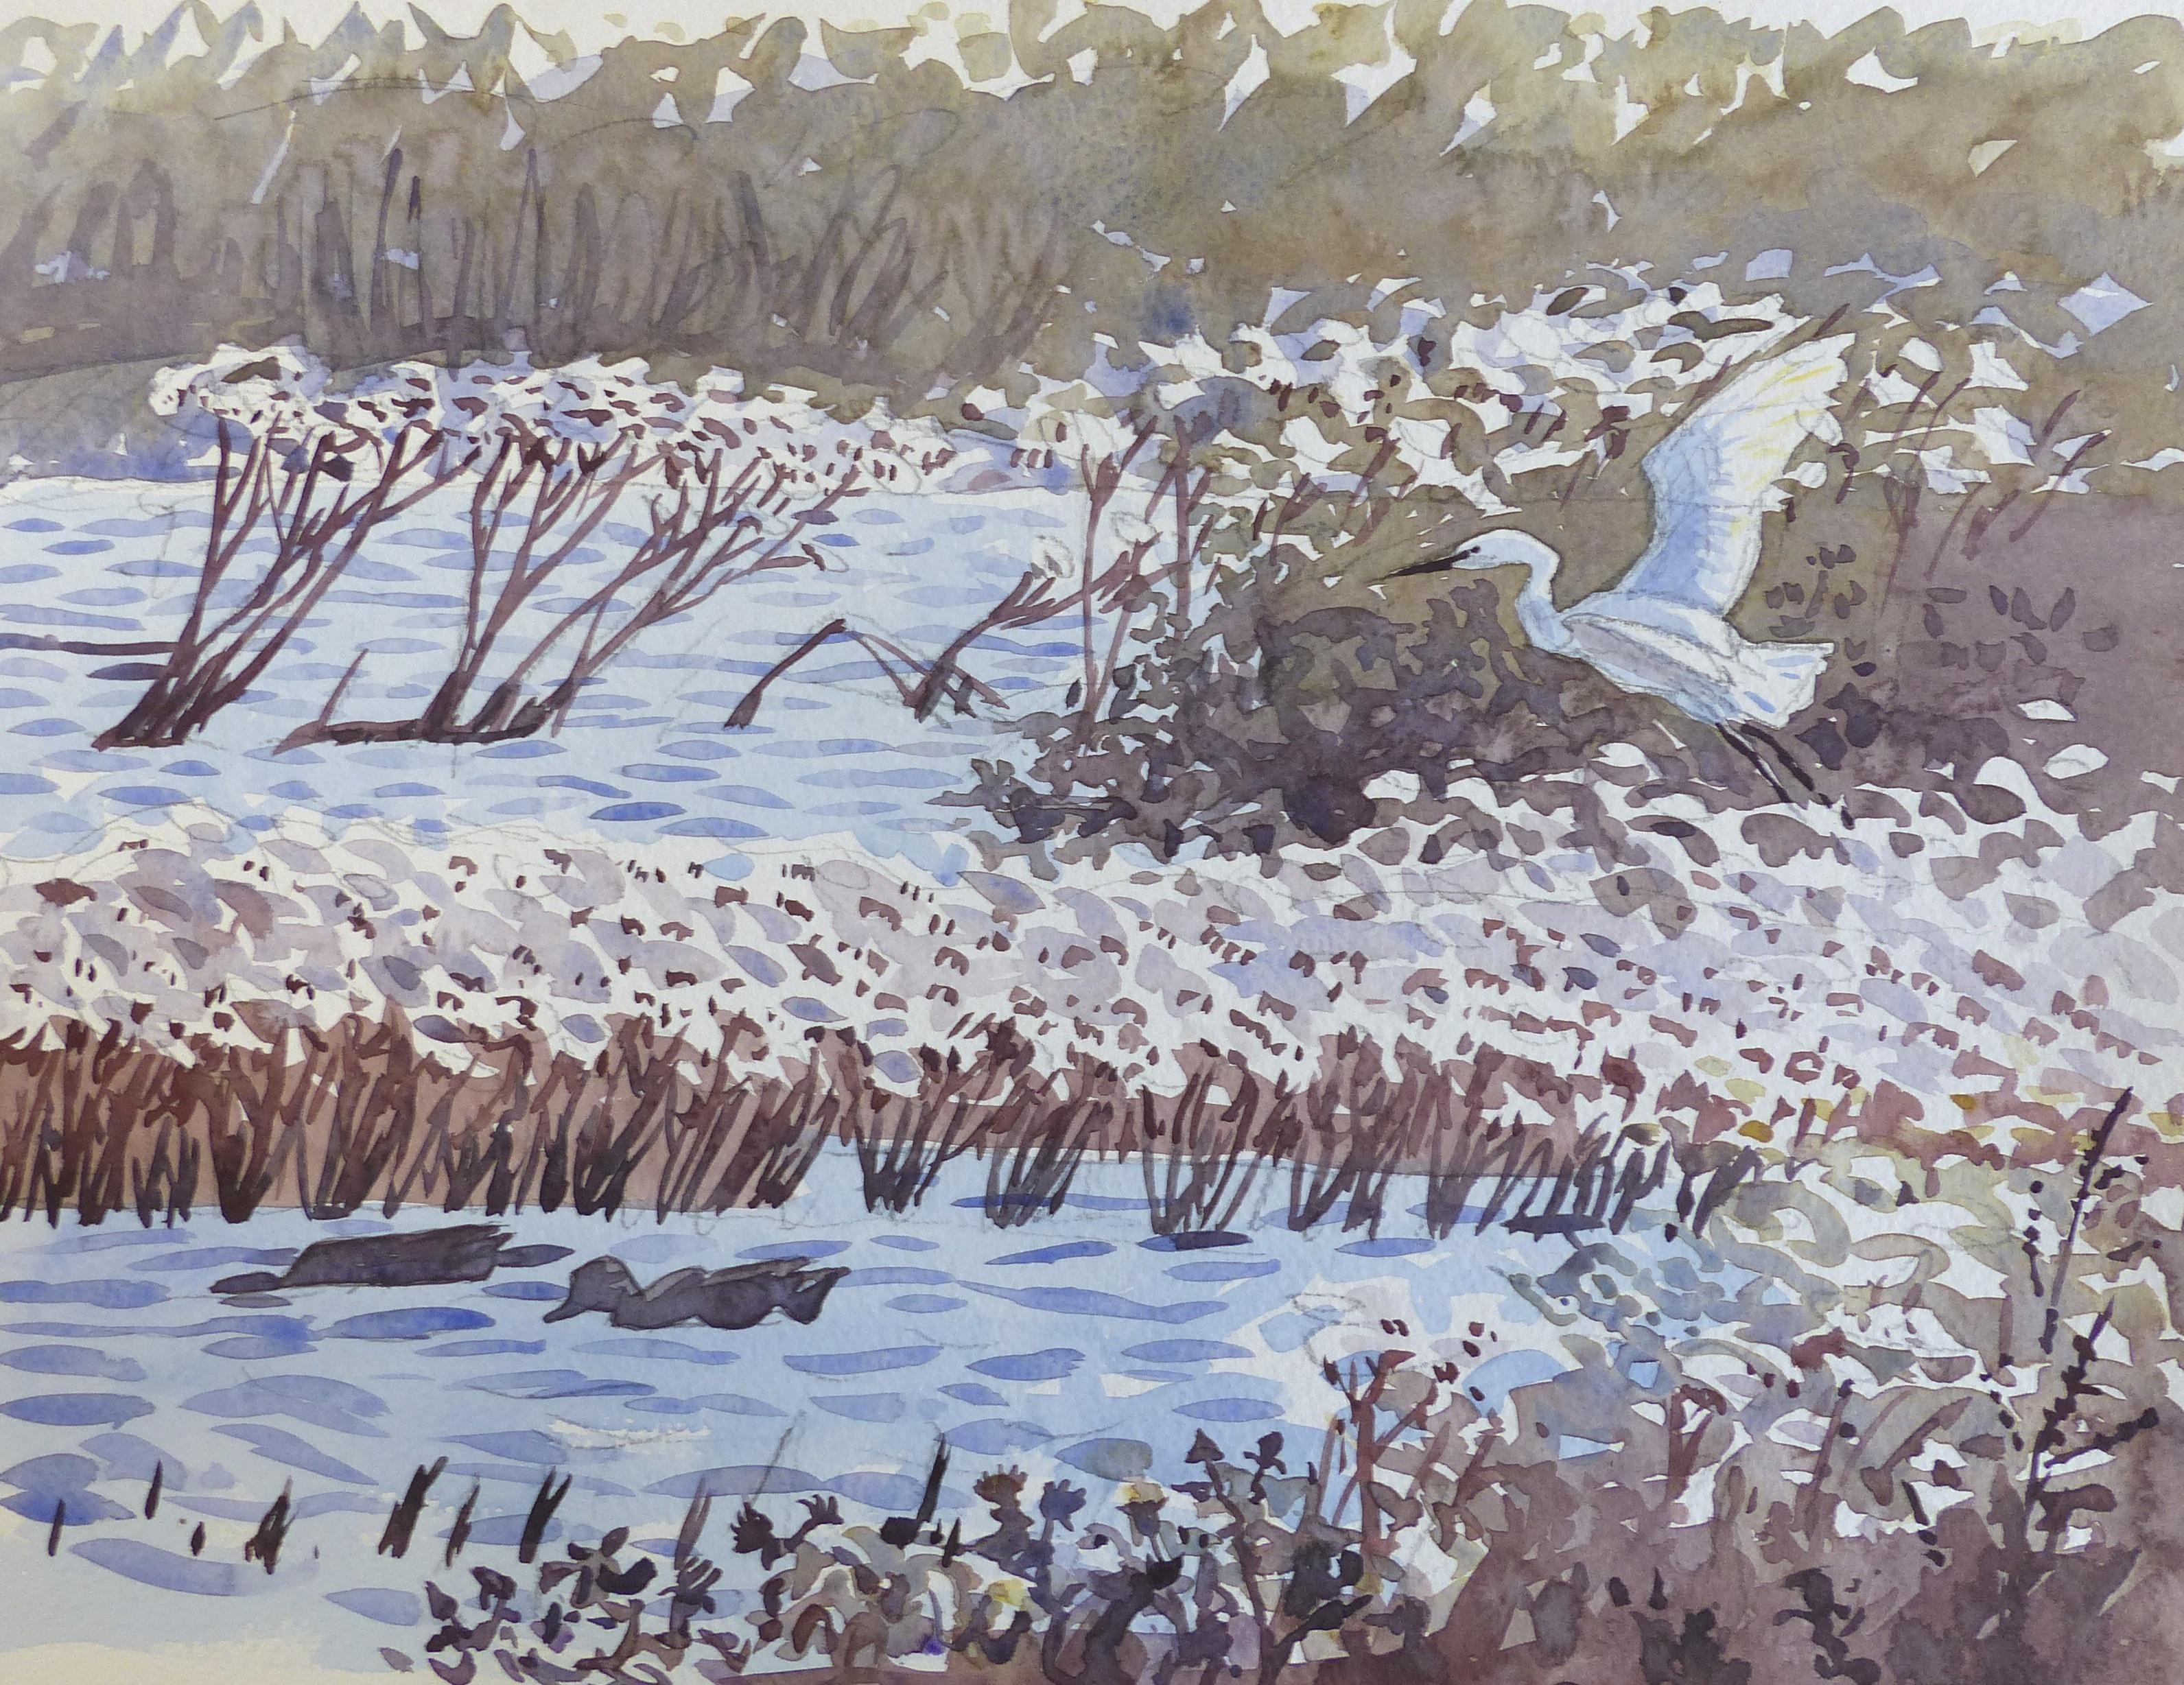 <p>Atmospheric watercolour by Richard Allen</p>